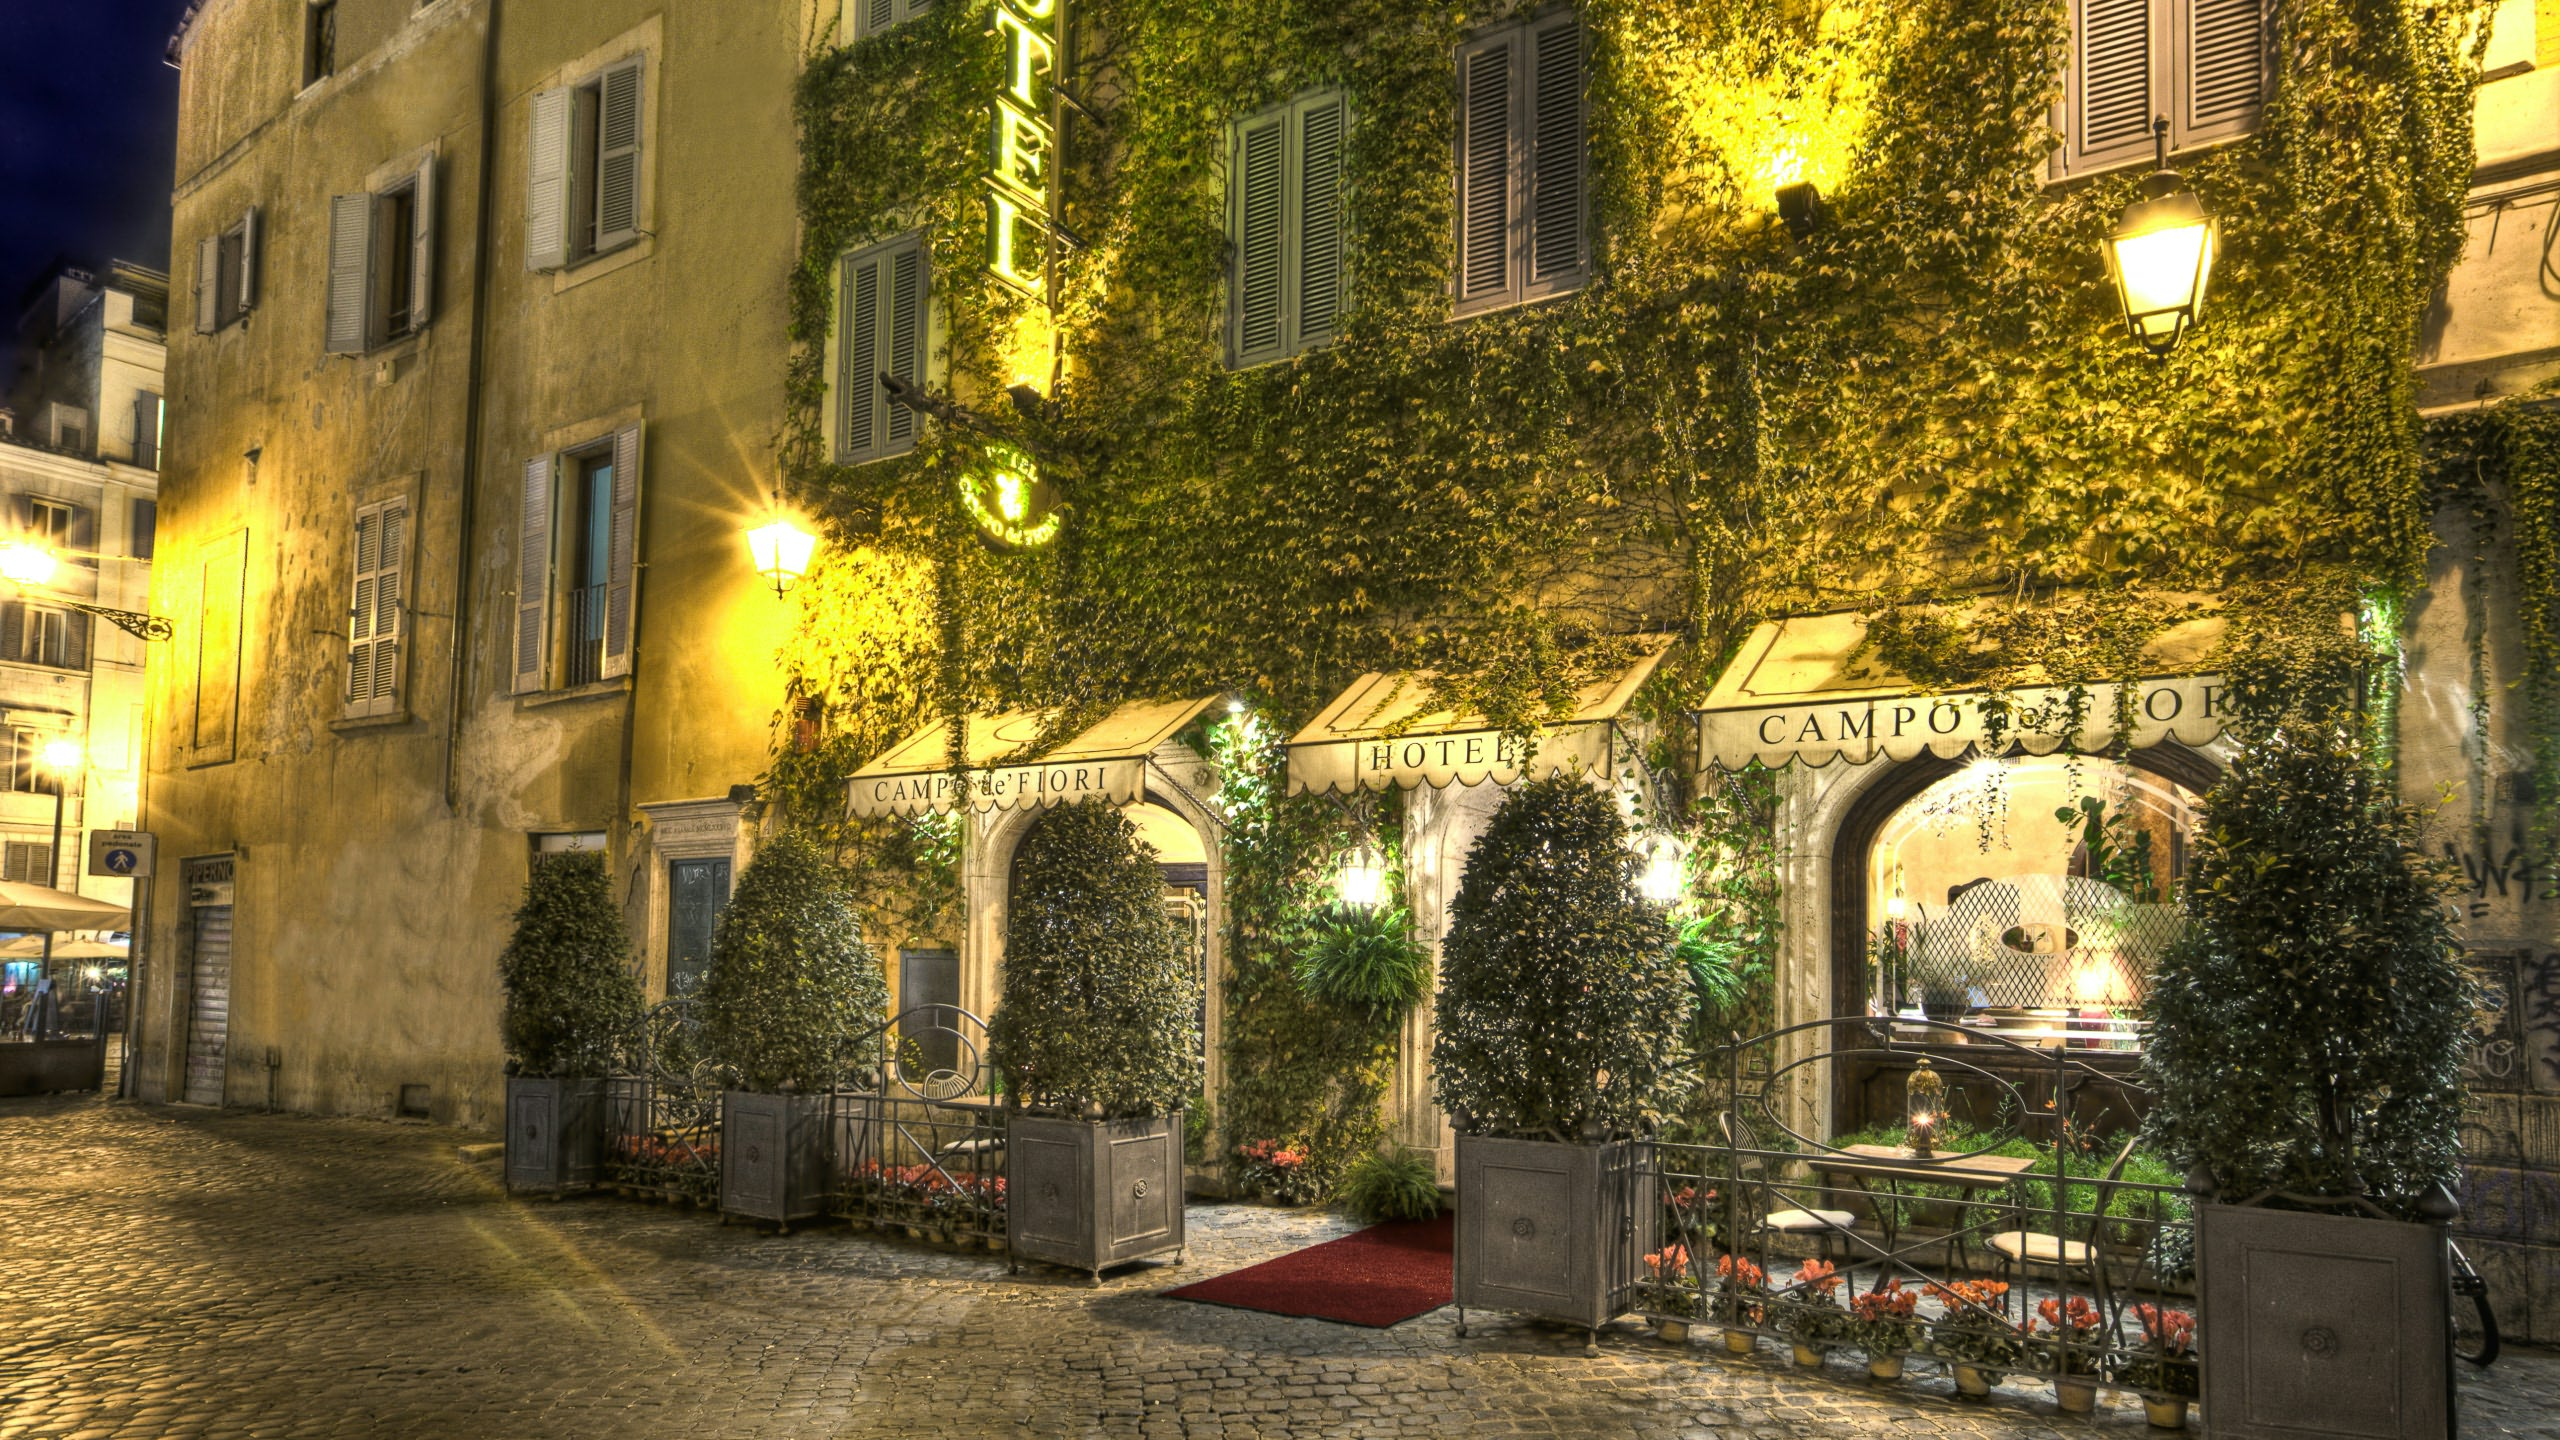 Rome VIP Pre Cruise Hotel Campo de Fiori